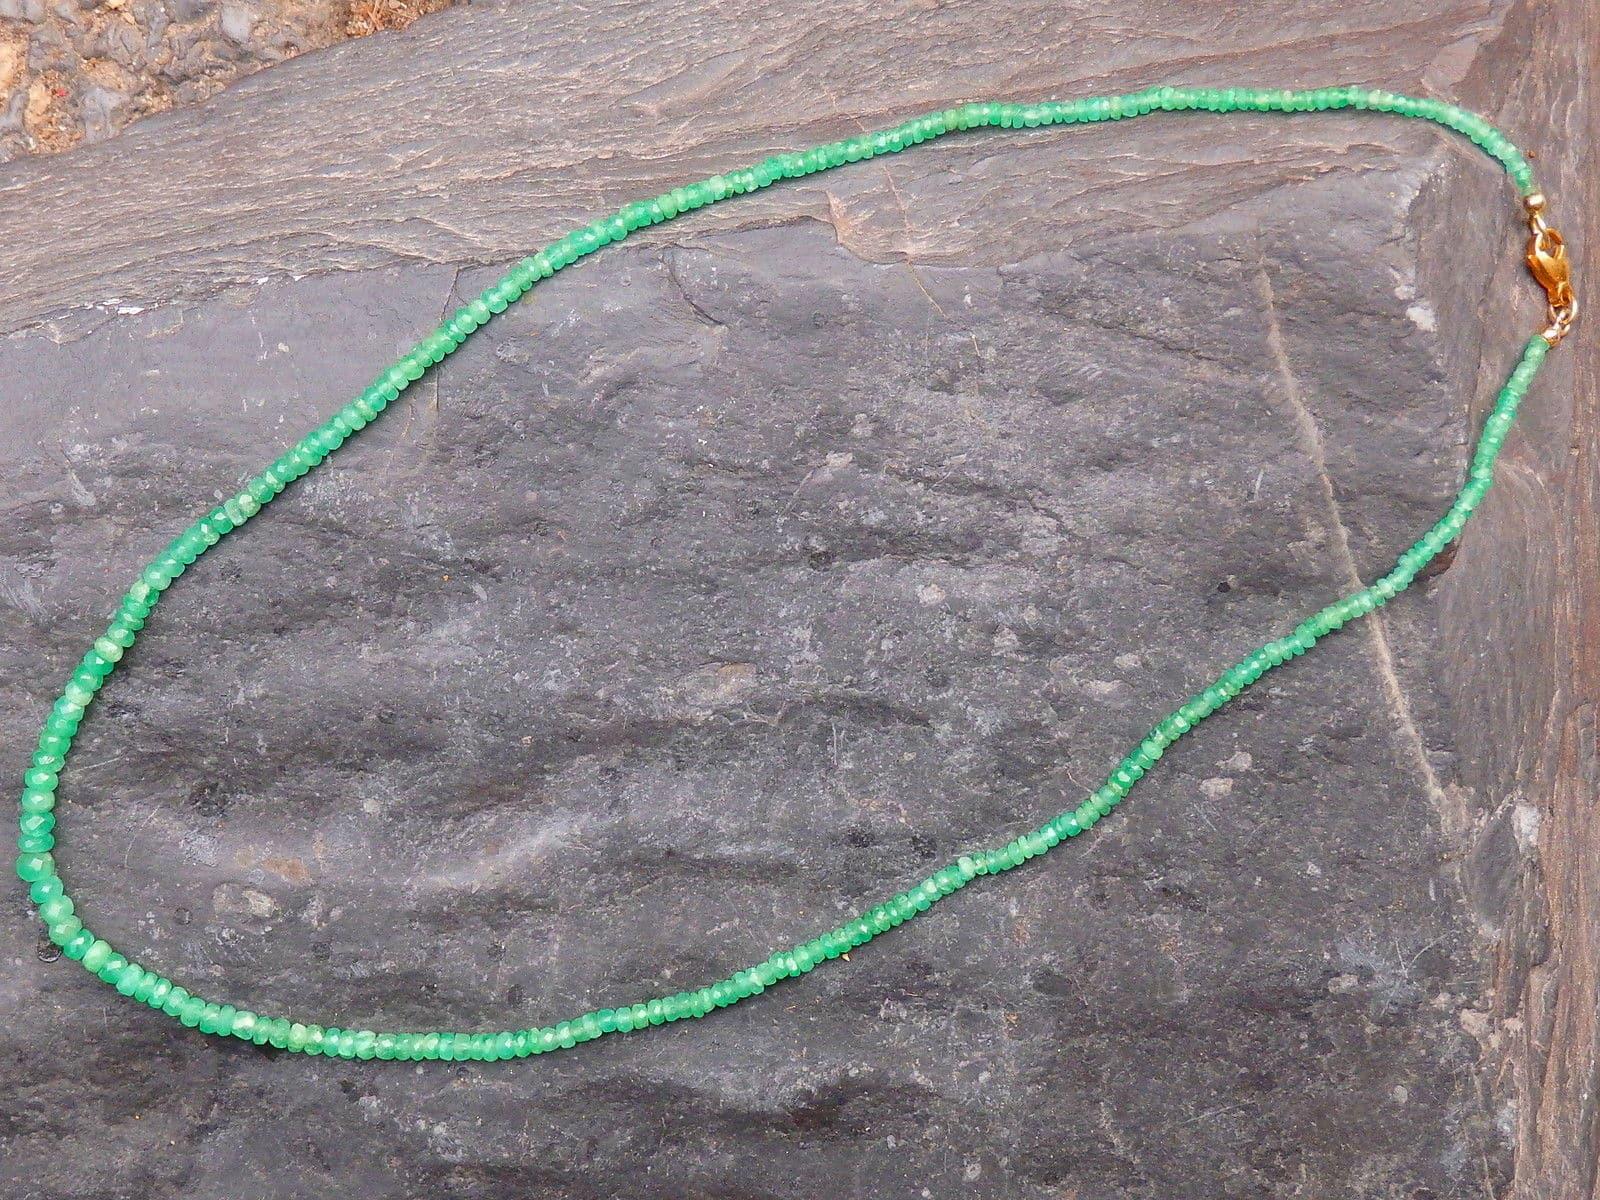 Collier Kette Smaragd Verschluss Gold 750 im Verlauf 43,5 cm